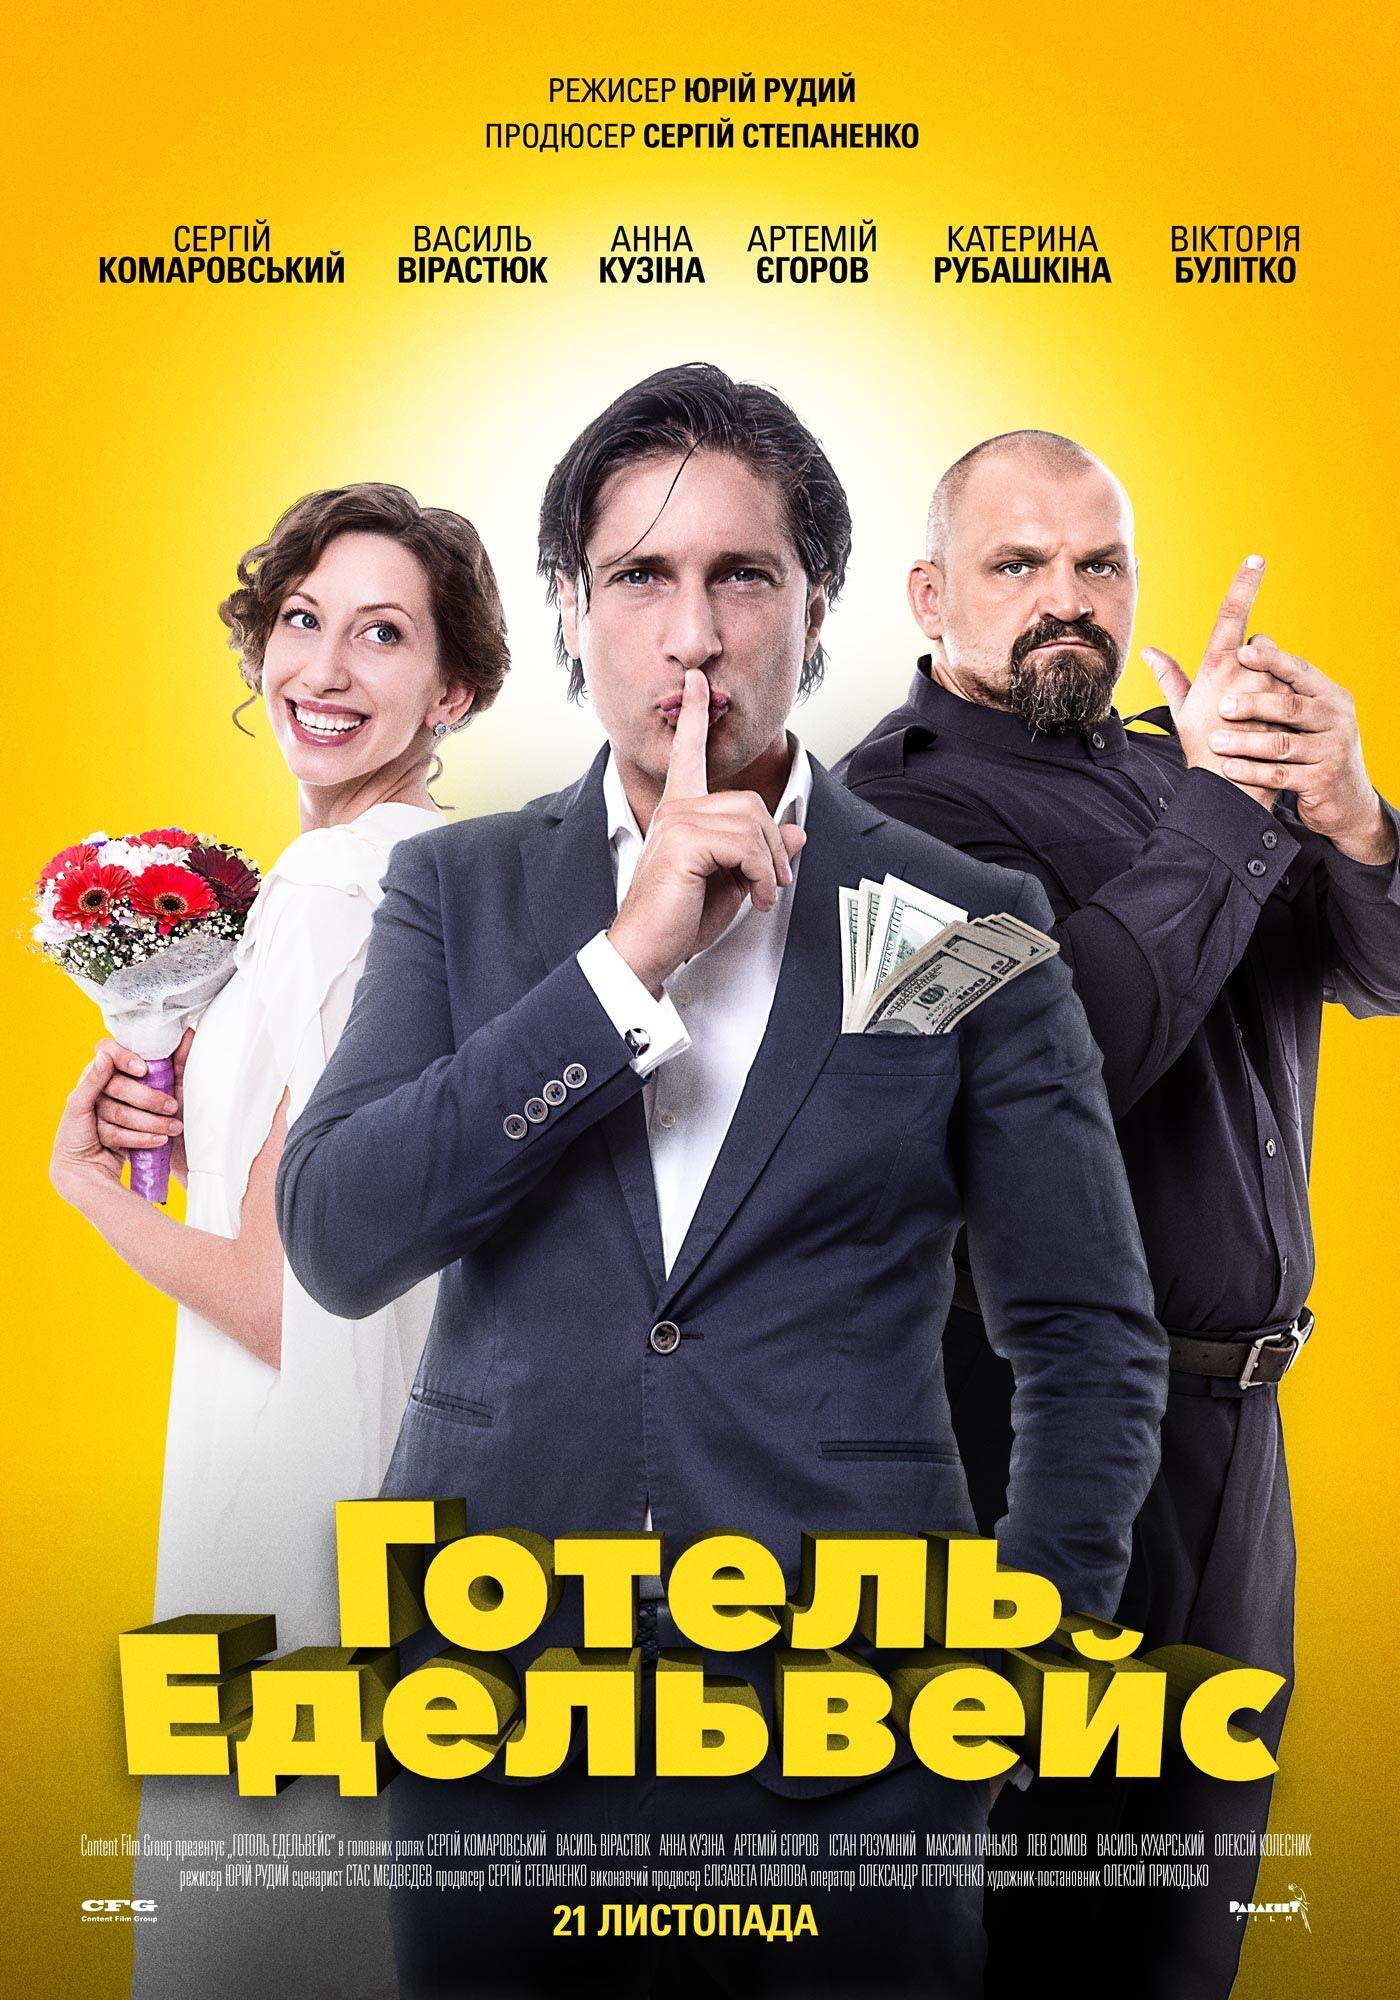 Комедия «Oтeль Эдeльвeйc» (2019) HD